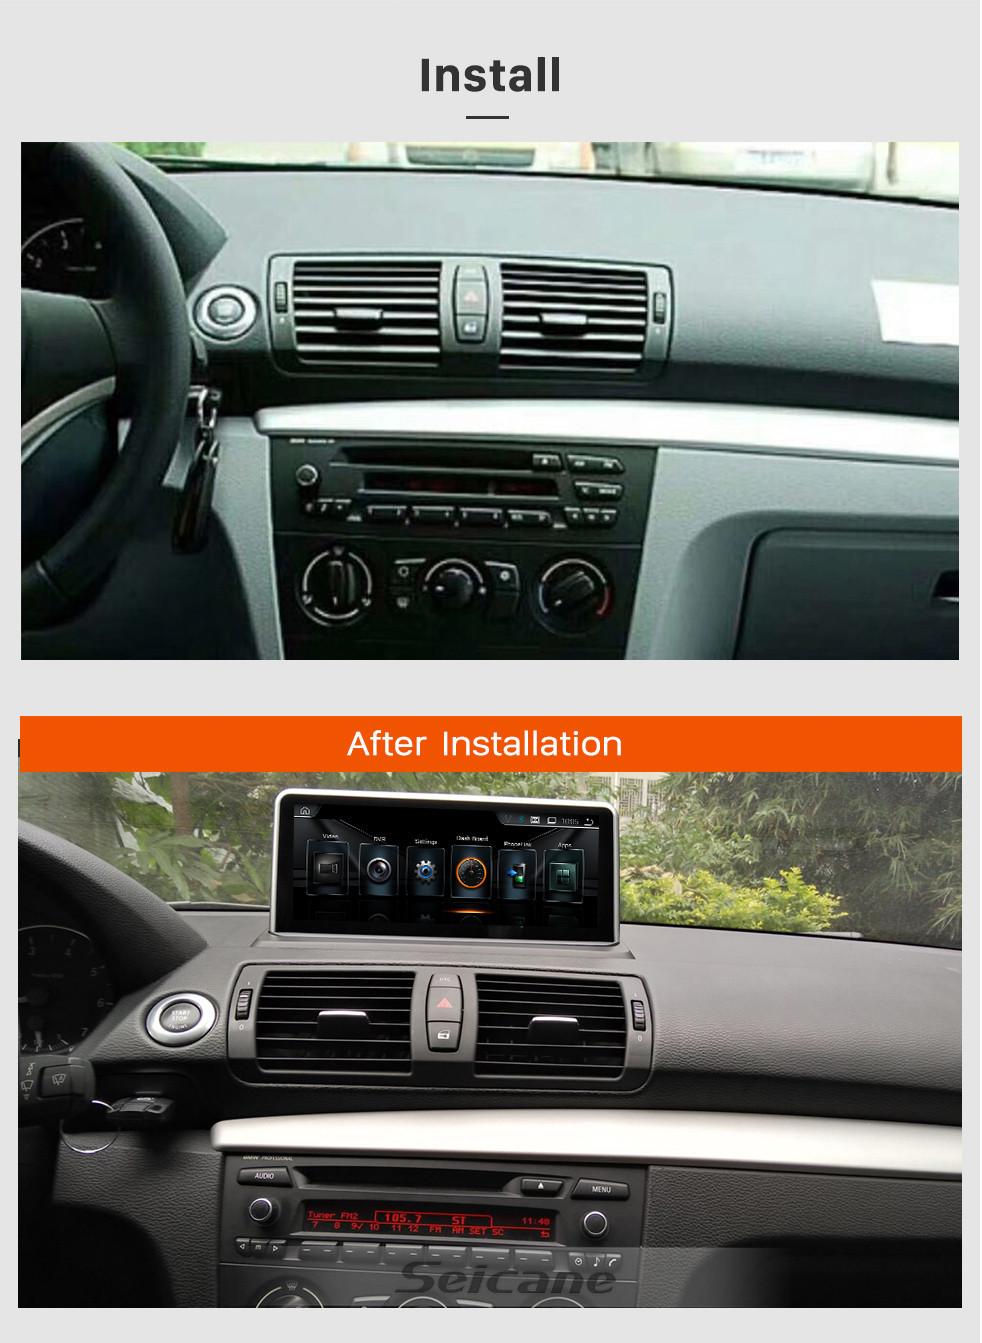 Seicane 10.25 Polegada HD Touchscreen Android 9.0 unidade de cabeça para 2006-2012 BMW E87 CIC Car Rádio Estéreo Sistema de Navegação GPS Bluetooth Suporte por Telefone 1080P Vídeo OBDII DVR controle de volante WIFI